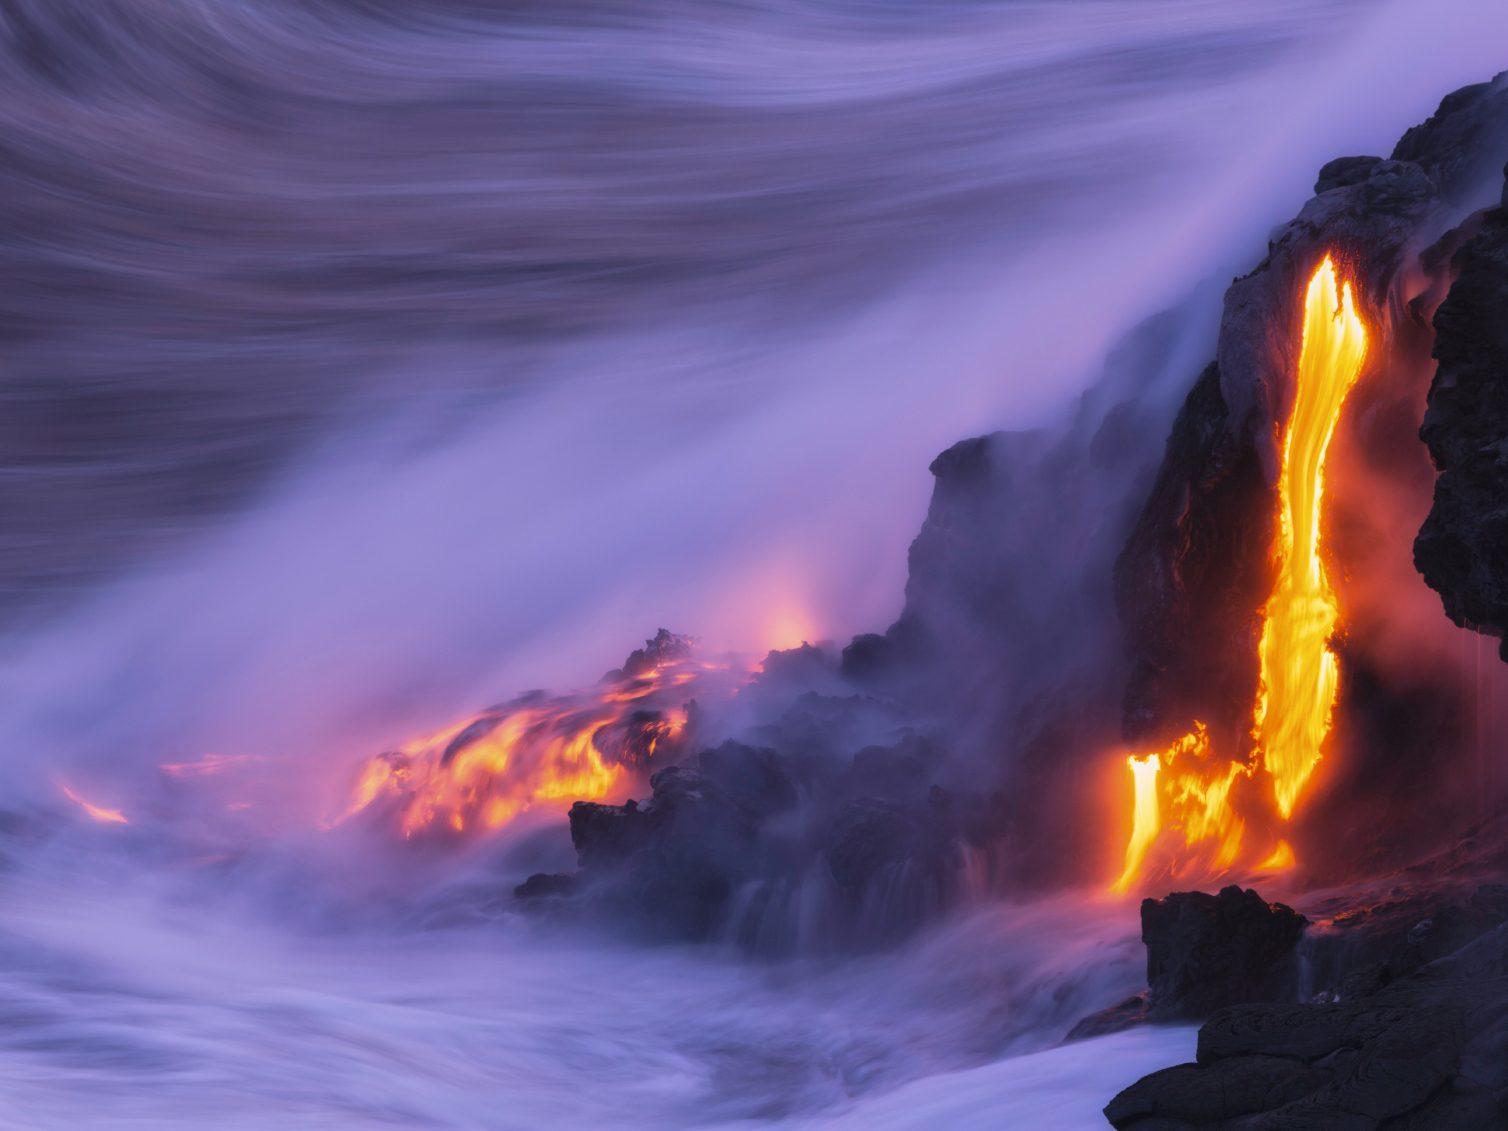 2. Il y a régulièrement des éruptions